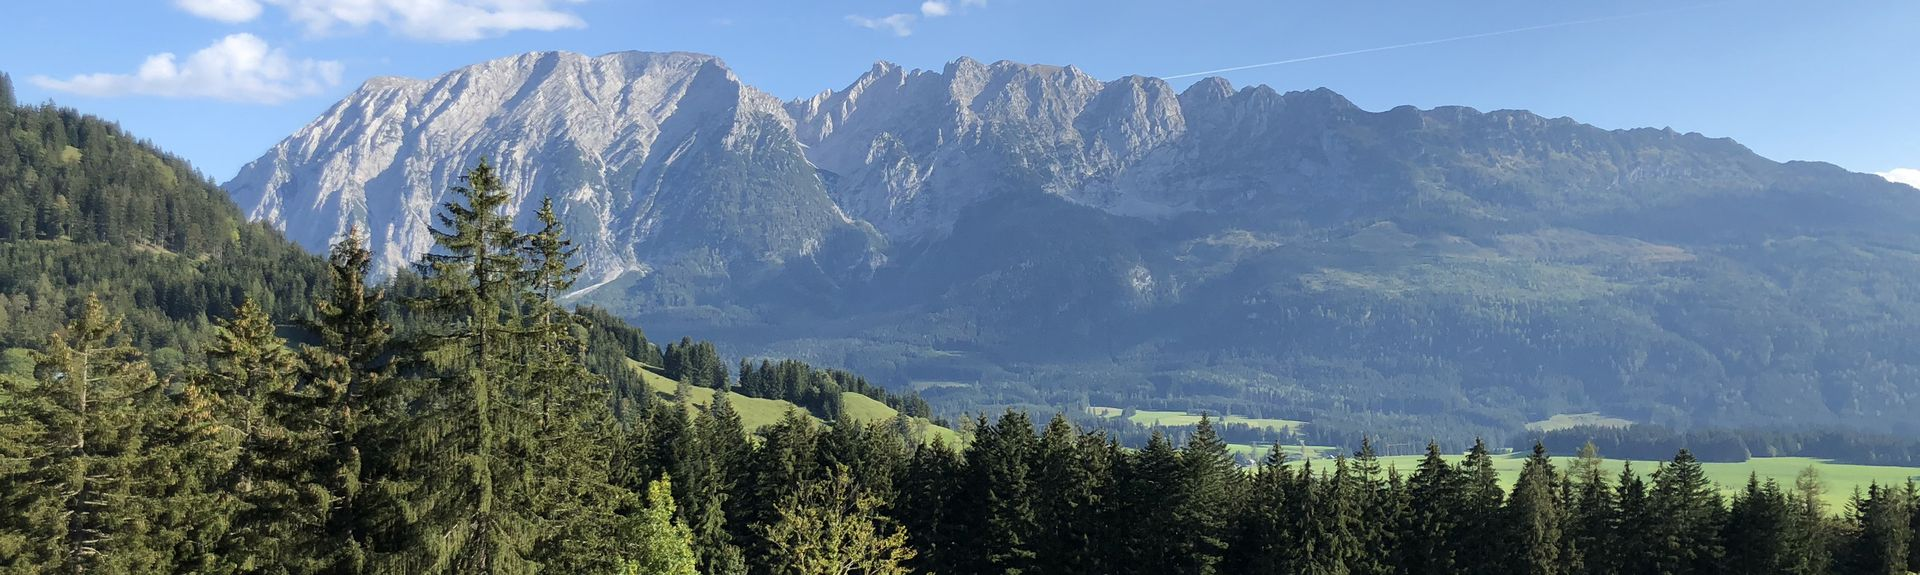 Bad Ischl Station, Bad Ischl, Upper Austria, Austria